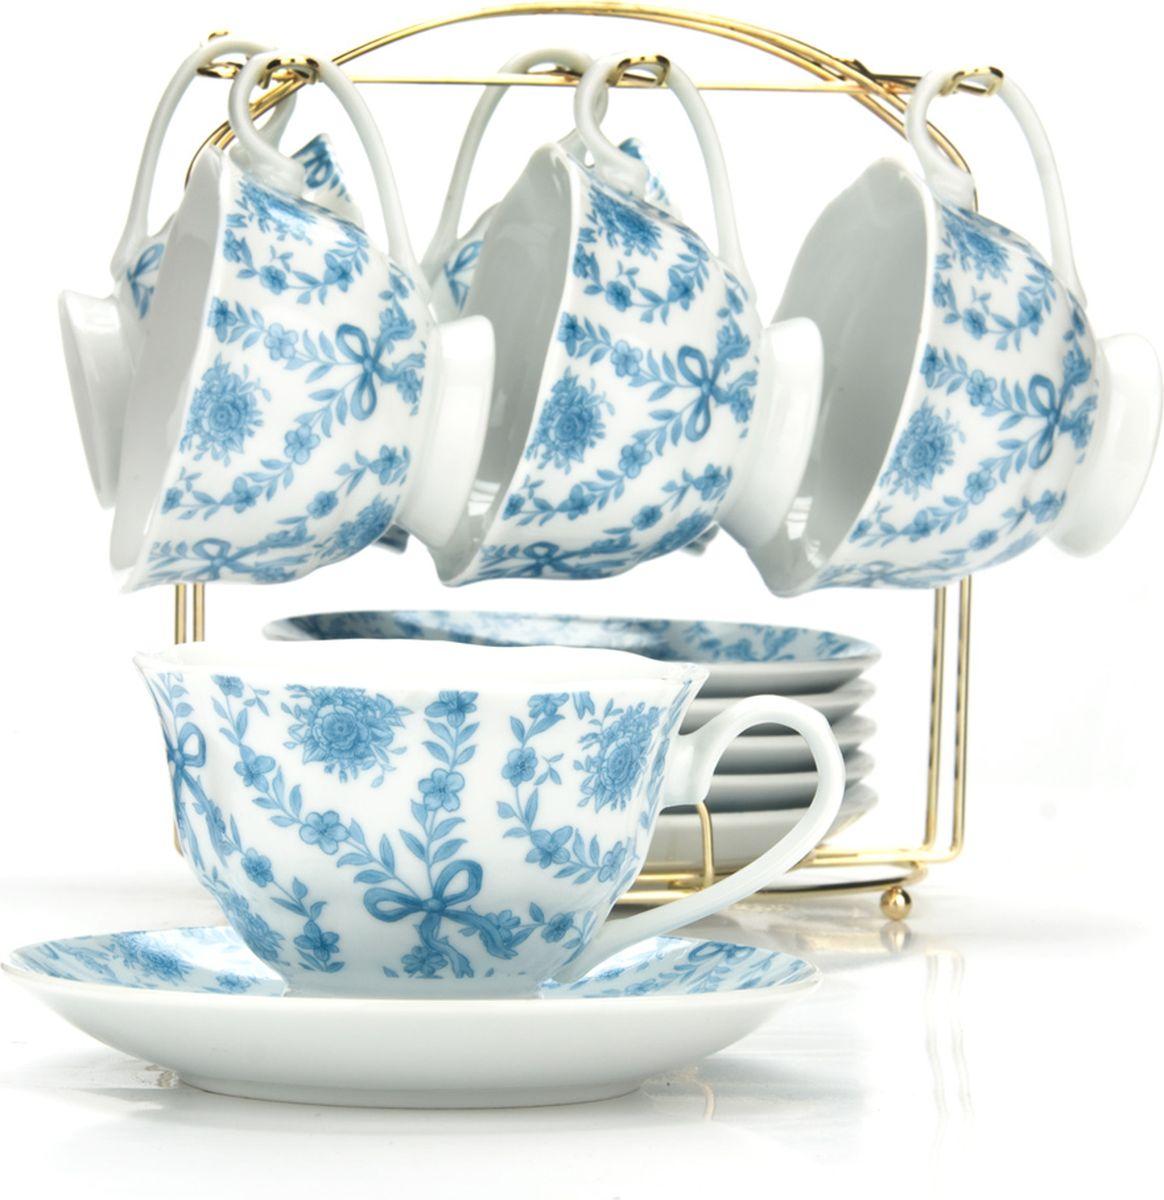 Сервиз чайный Loraine, на подставке, 13 предметов. 43294VT-1520(SR)Чайный набор состоит из шести чашек, шести блюдец и металлической подставки золотого цвета. Предметы набора изготовлены из качественного фарфора и оформлены красочным цветным рисунком. Чайный набор идеально подойдет для сервировки стола и станет отличным подарком к любому празднику. Все изделия можно компактно хранить на подставке, входящей в набор. Подходит для мытья в посудомоечной машине.Диаметр чашки: 9,5 см.Высота чашки: 6,5 см.Объем чашки: 180 мл.Диаметр блюдца: 14 см.